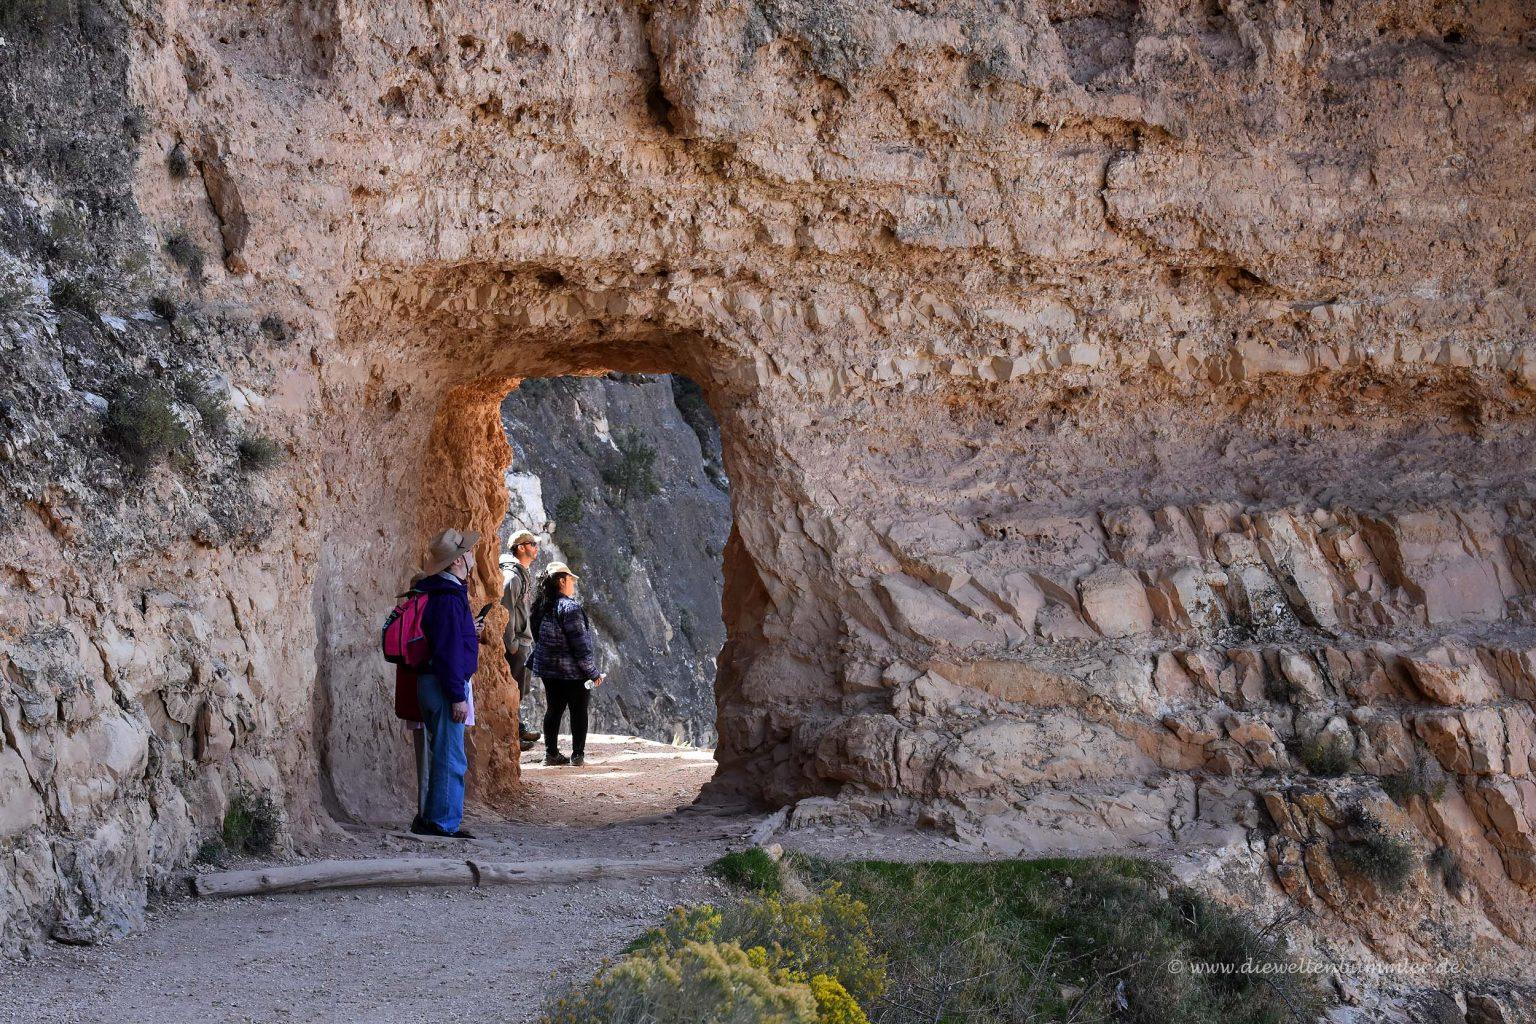 Auf dem Weg in den Canyon